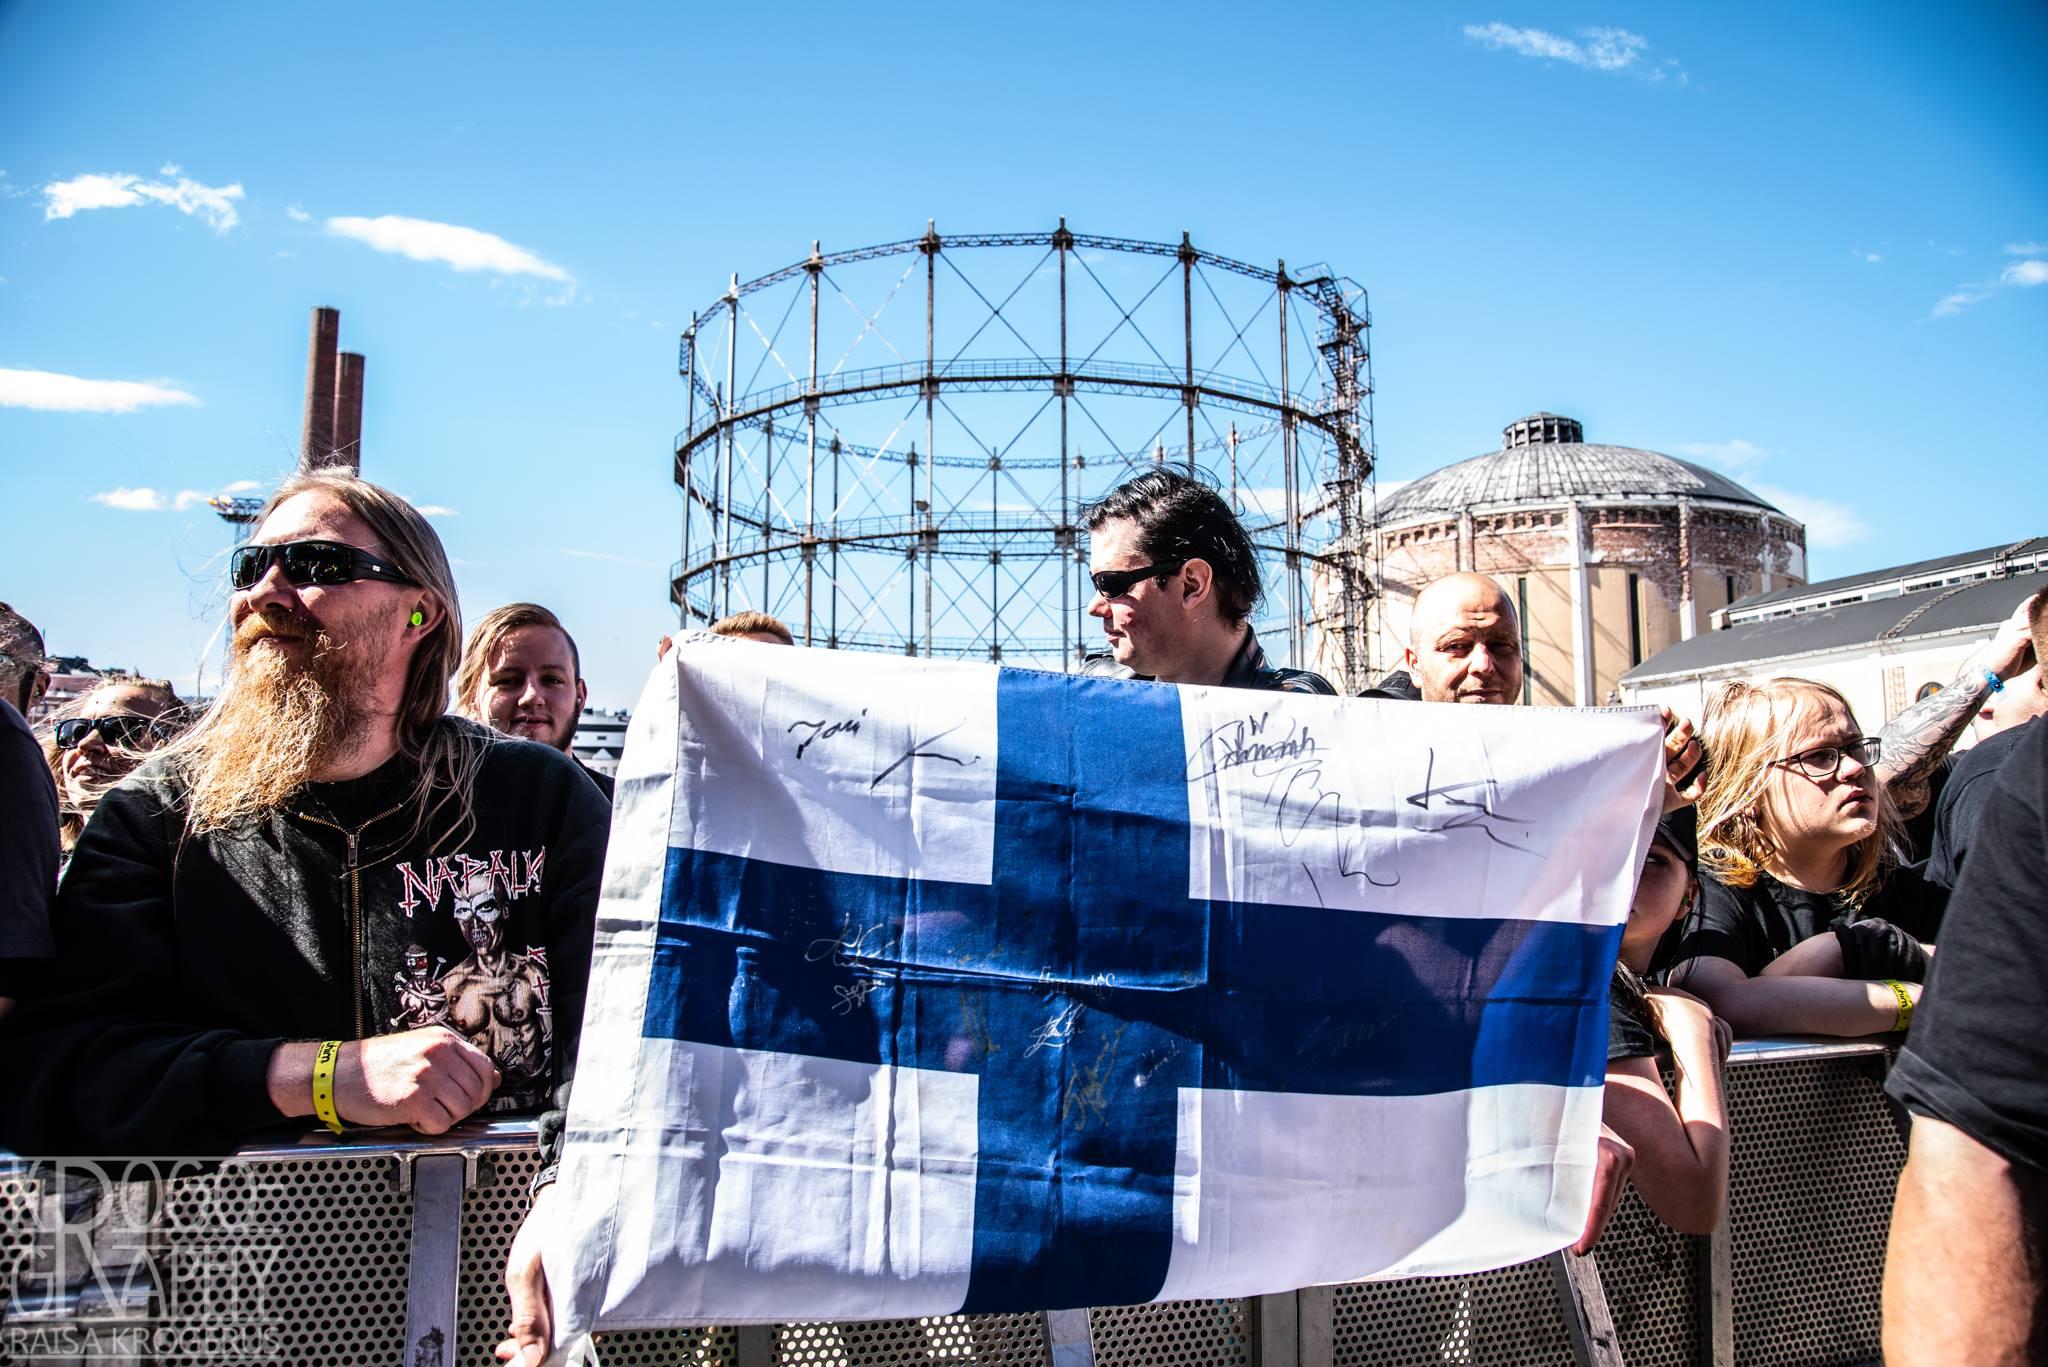 Olemme riippumaton suomalainen media